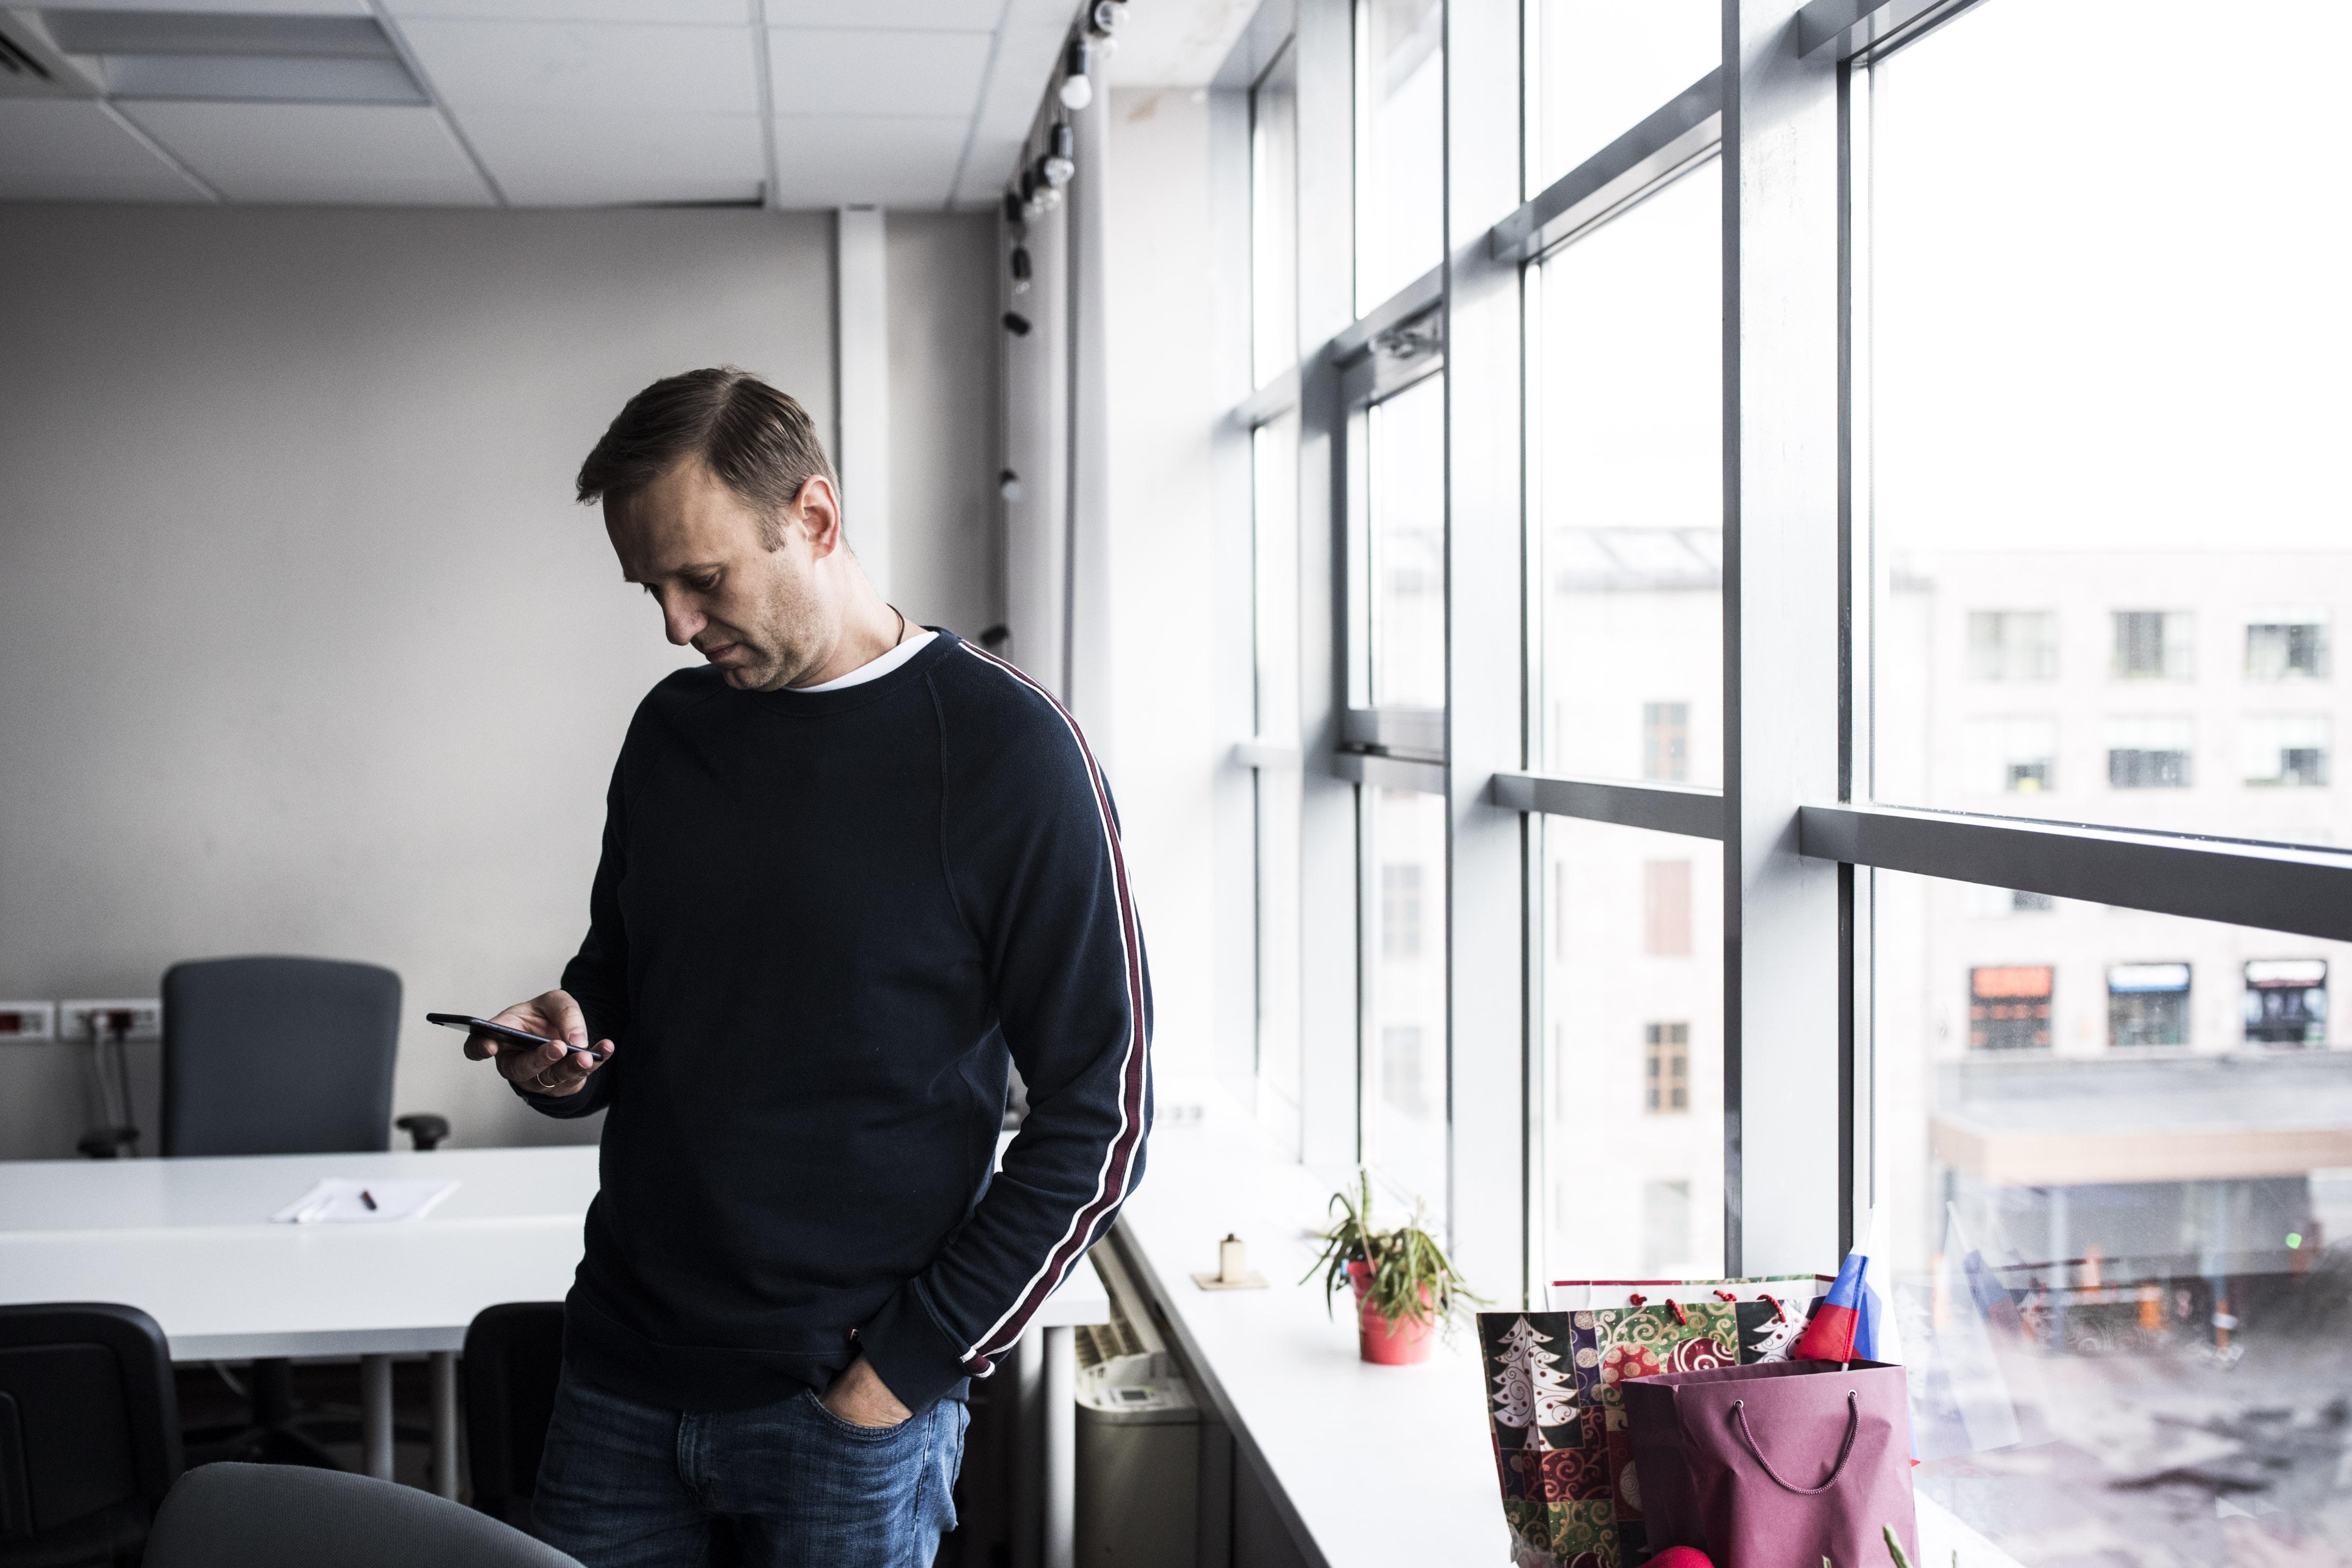 Ilyet még nem látott a világ: Navalnij álnéven felhívta az egyik FSZB-s merénylőjét, az meg bevallotta, hogyan mérgezték meg őt